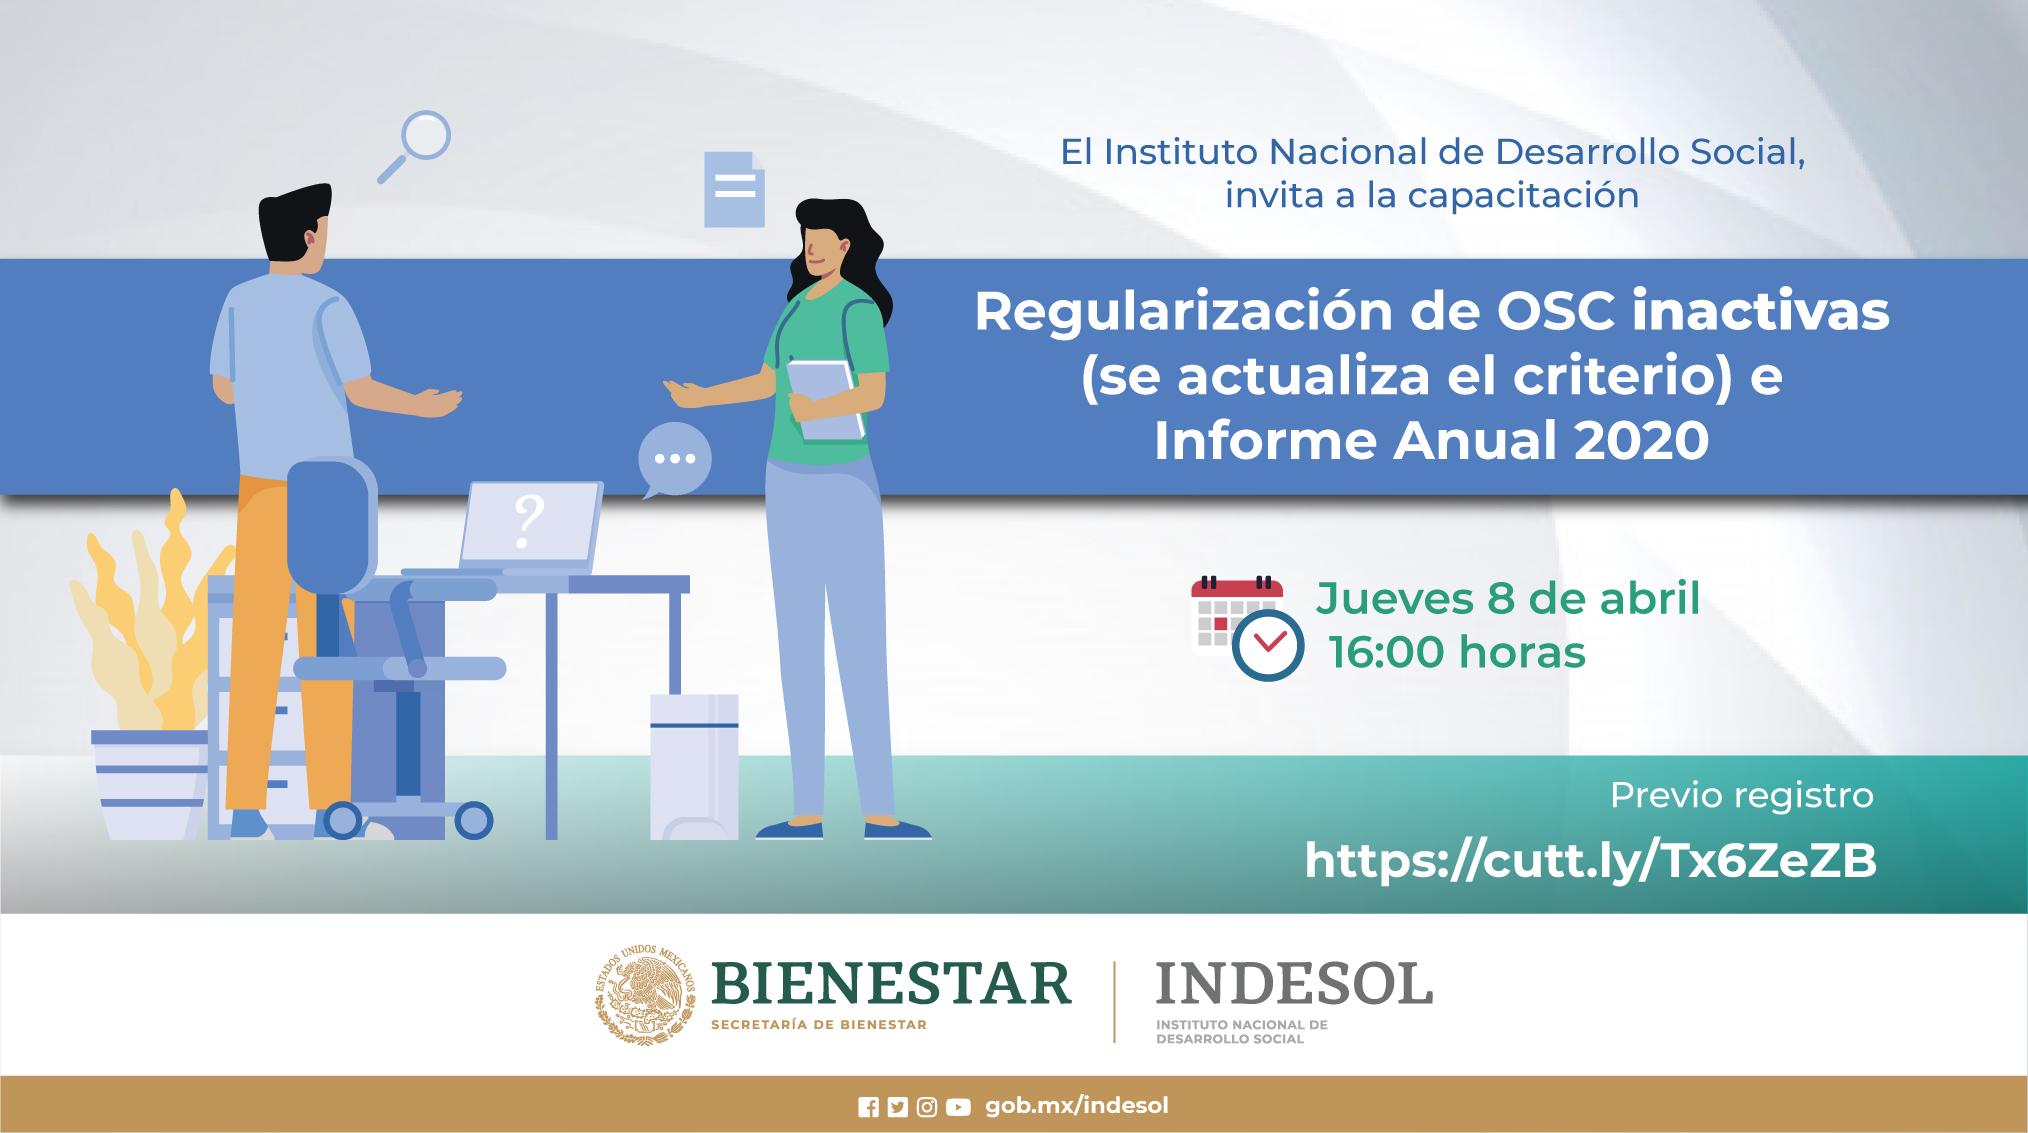 Capacitación: Regularización de OSC inactivas e Informe Anual 2020